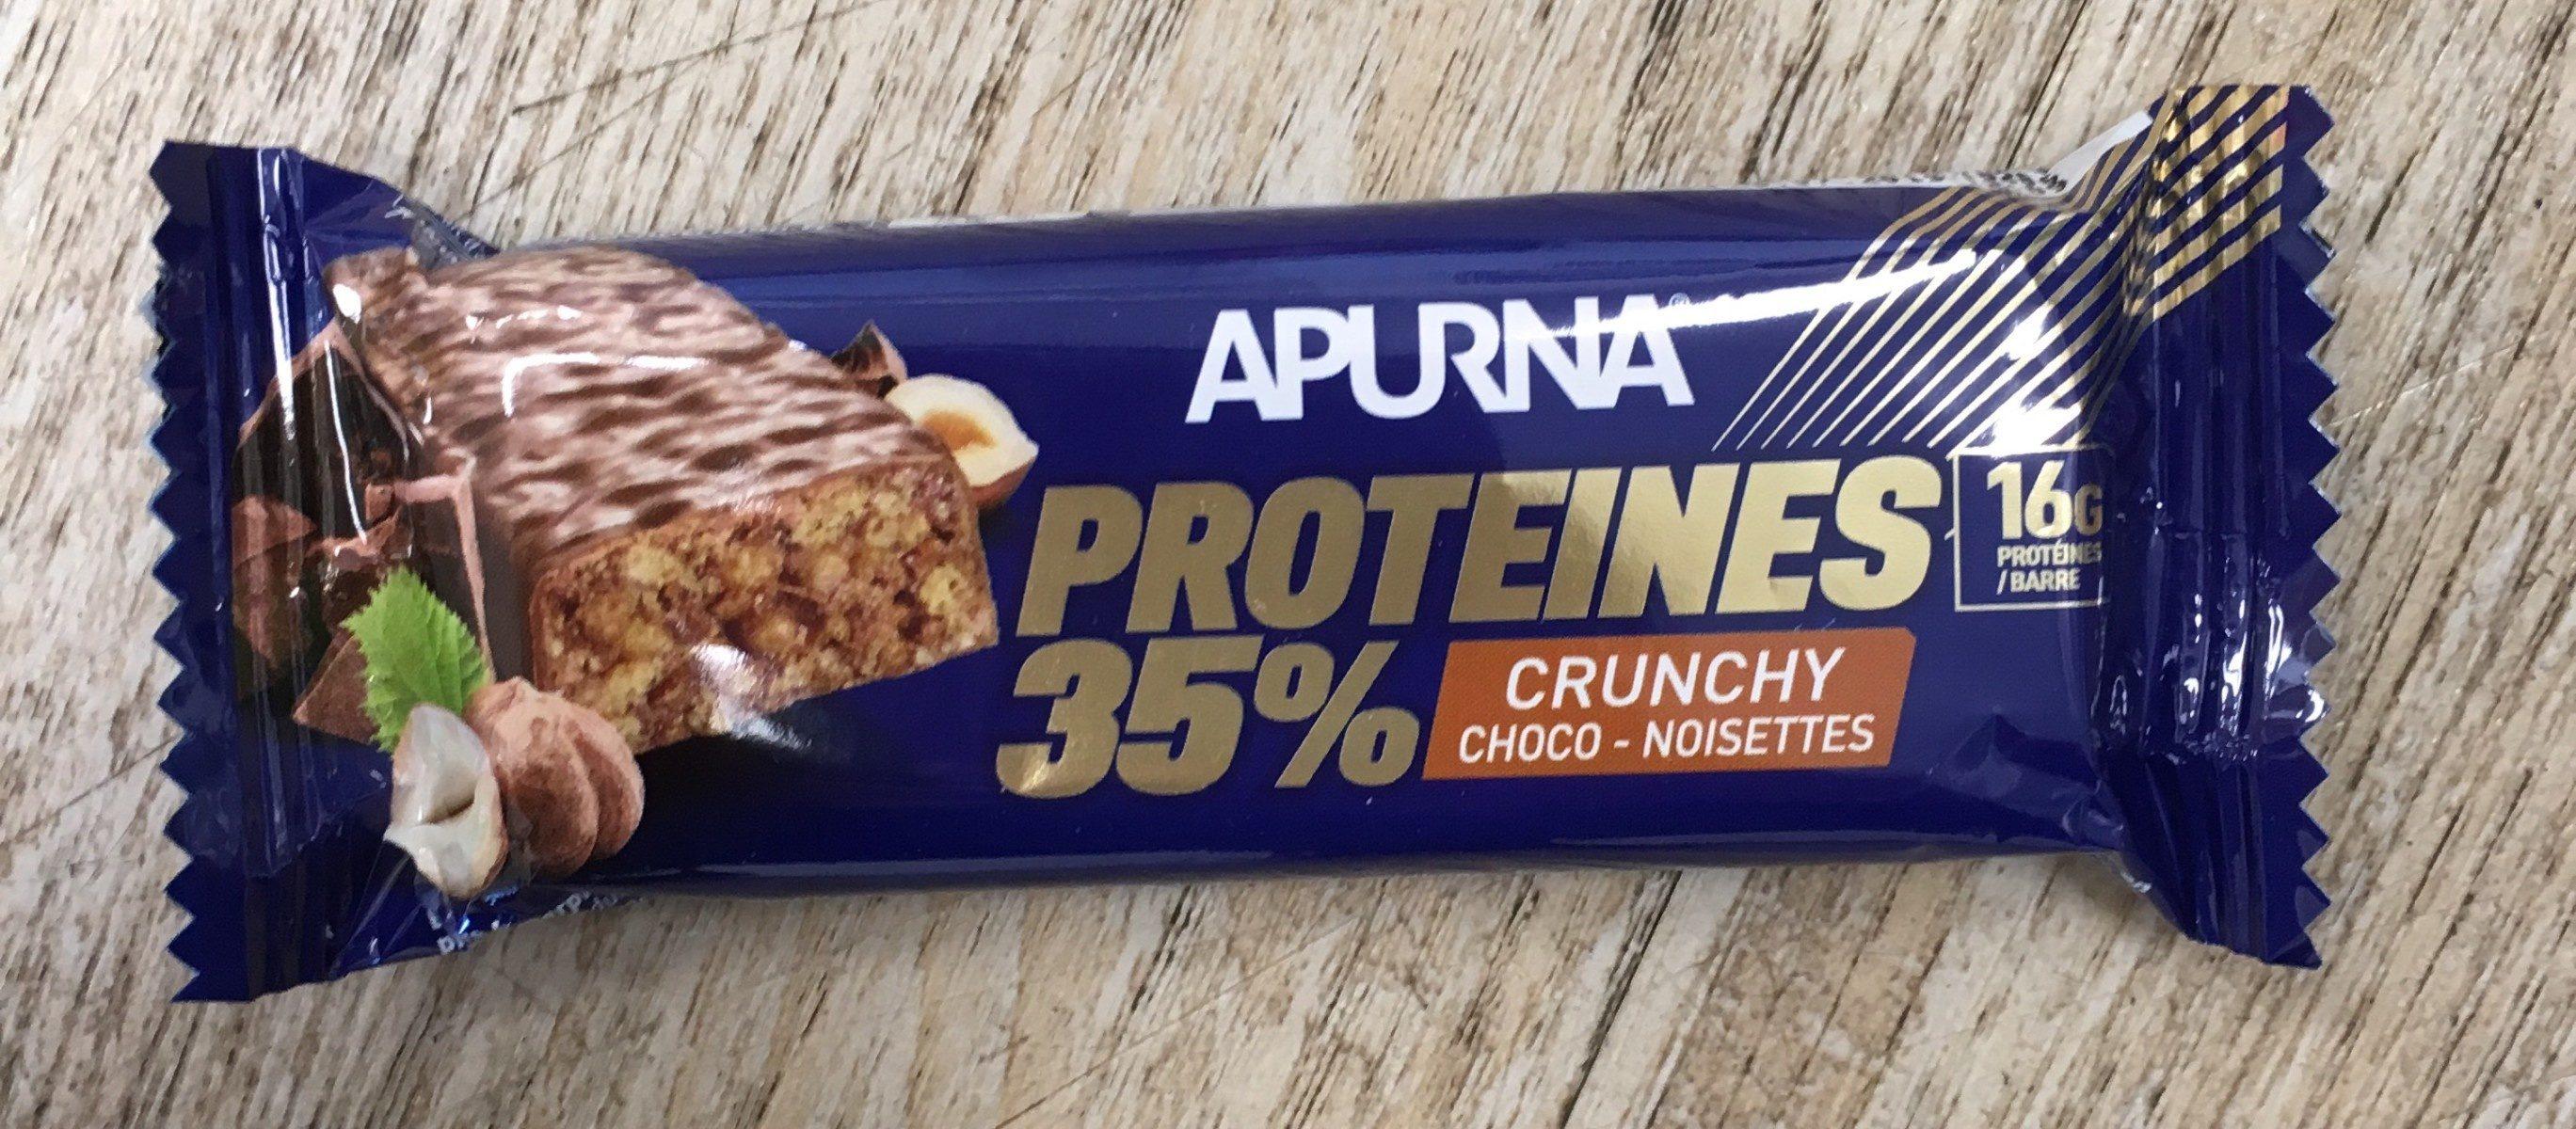 Apurna proteines 35% - Produkt - fr